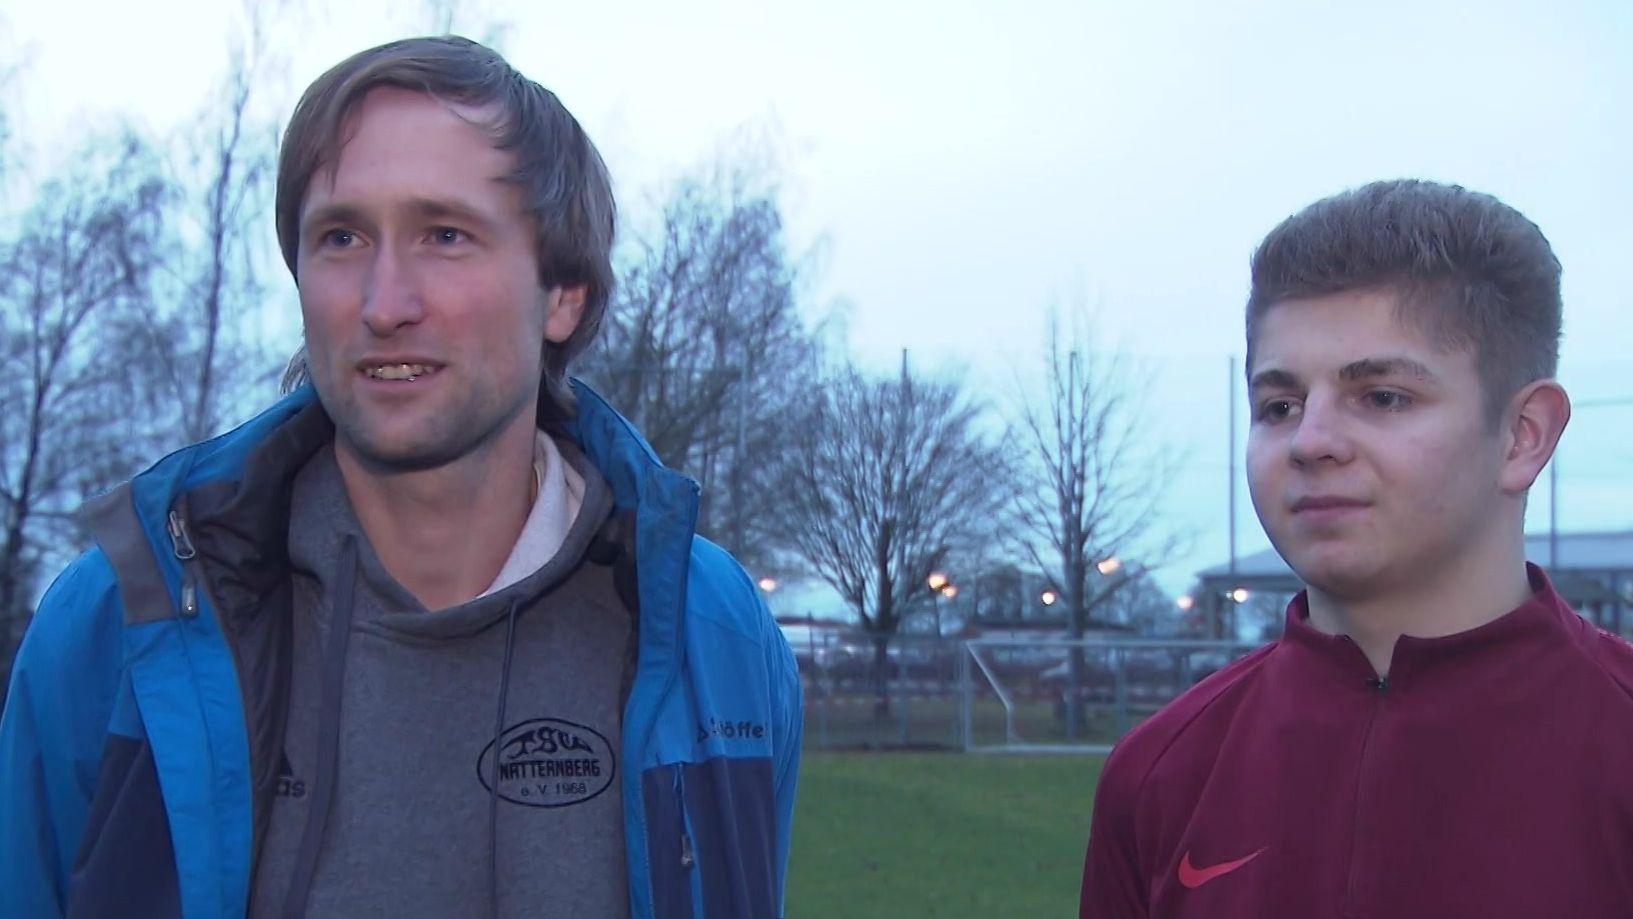 Jugendleiter Daniel Reichelt und Yannick Hannes vom TSV Natternberg